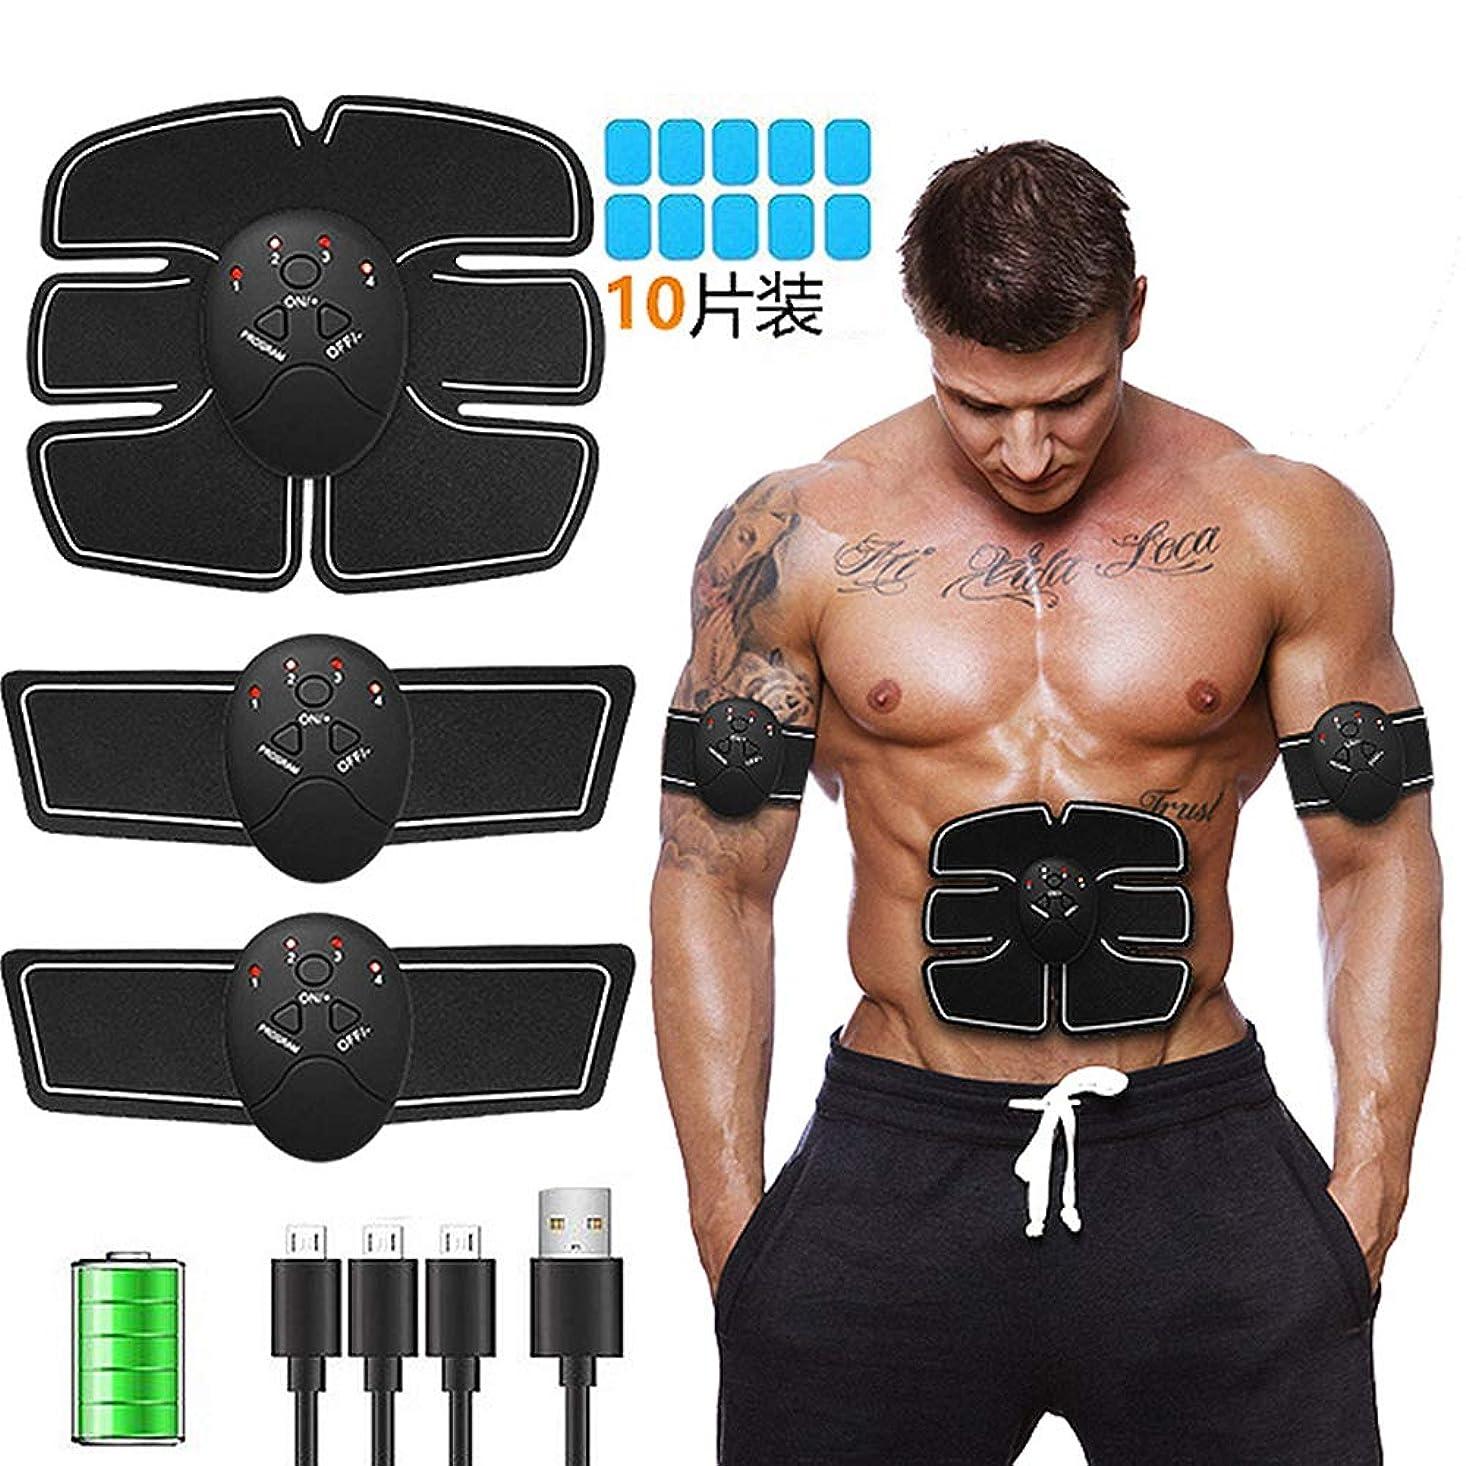 呼吸密接に生き残りスマート腹部トレーナーusb電気ワイヤレスems筋肉刺激脂肪燃焼腰減量保つフィットネス機器フルボディマッサージユニセックス